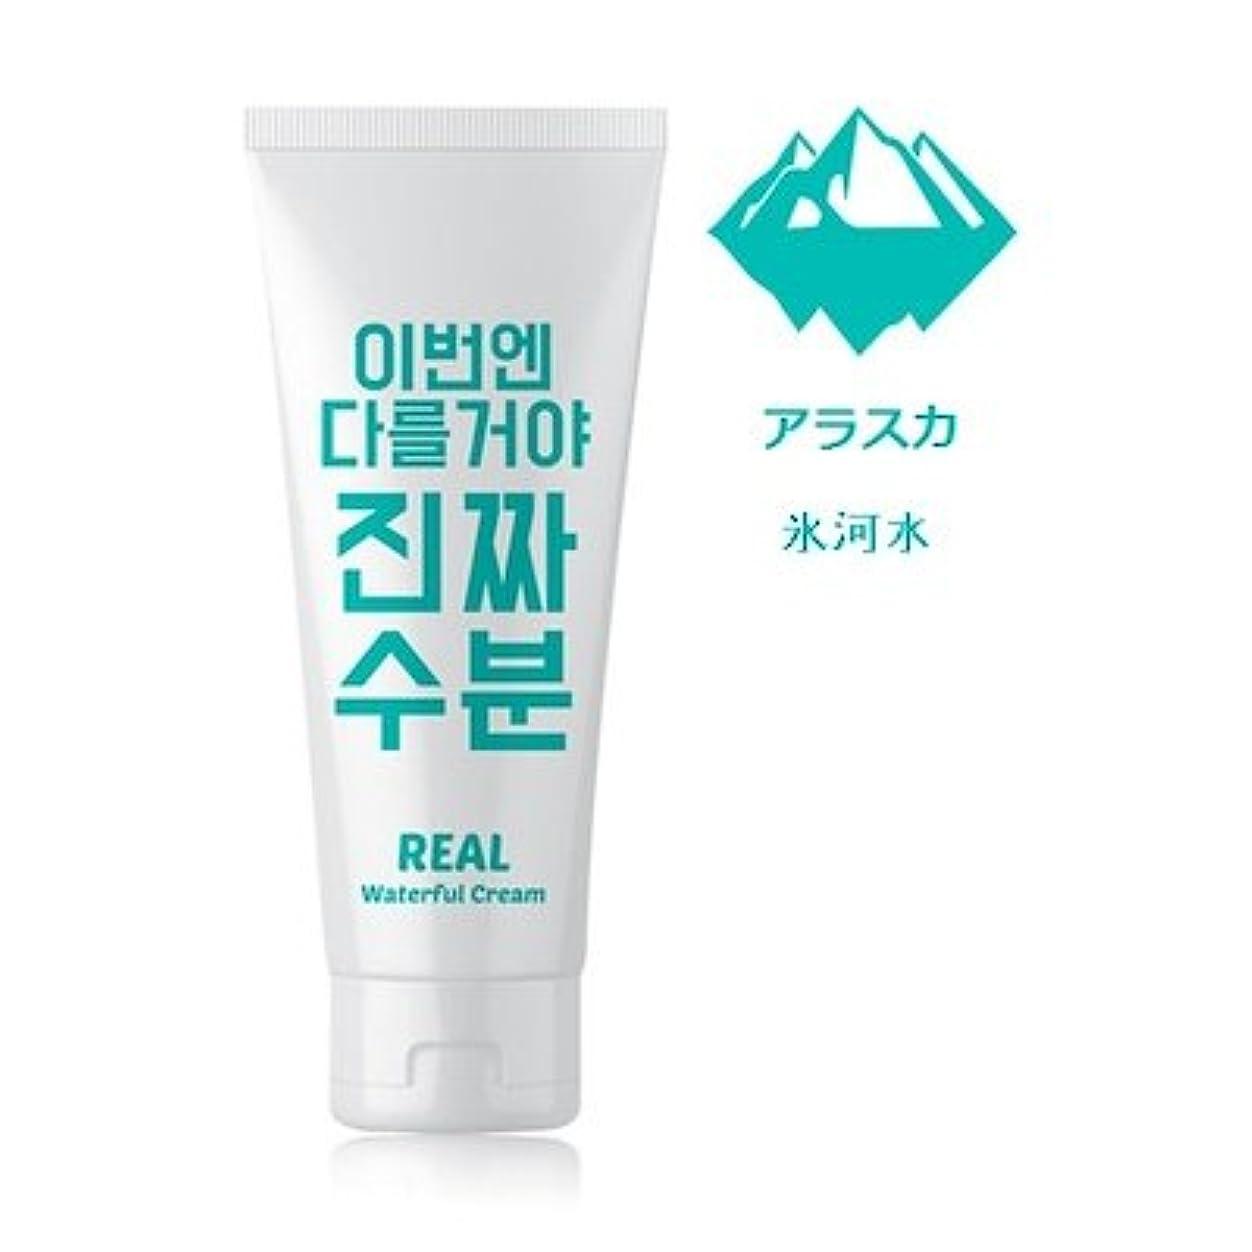 額水没愛撫Jaminkyung Real Waterful Cream/孜民耕 [ジャミンギョン] 今度は違うぞ本当の水分クリーム 200ml [並行輸入品]